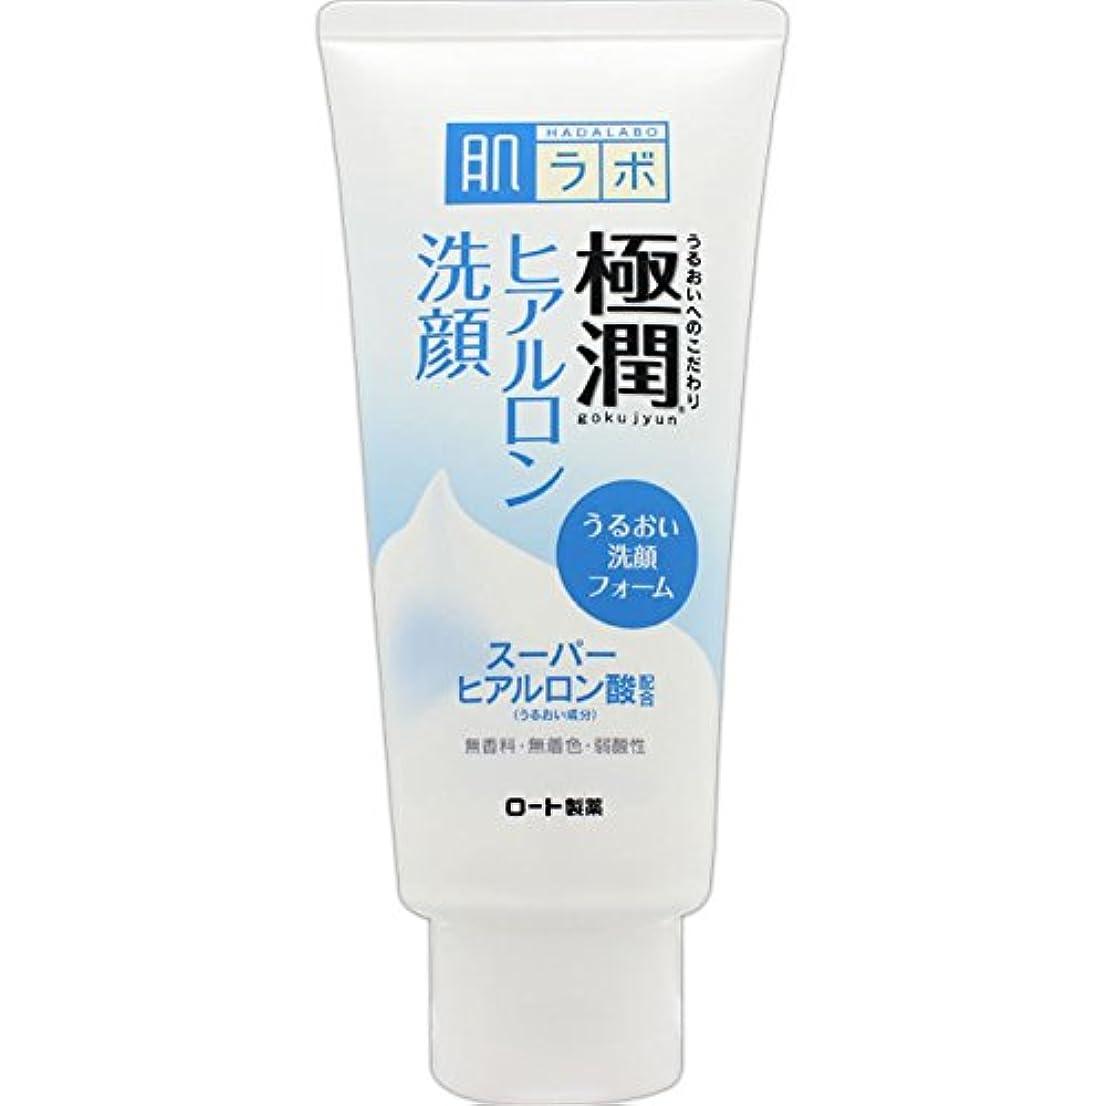 負担導体誠実肌ラボ 極潤 ヒアルロン洗顔フォーム スーパーヒアルロン酸&吸着型ヒアルロン酸をW配合 100g